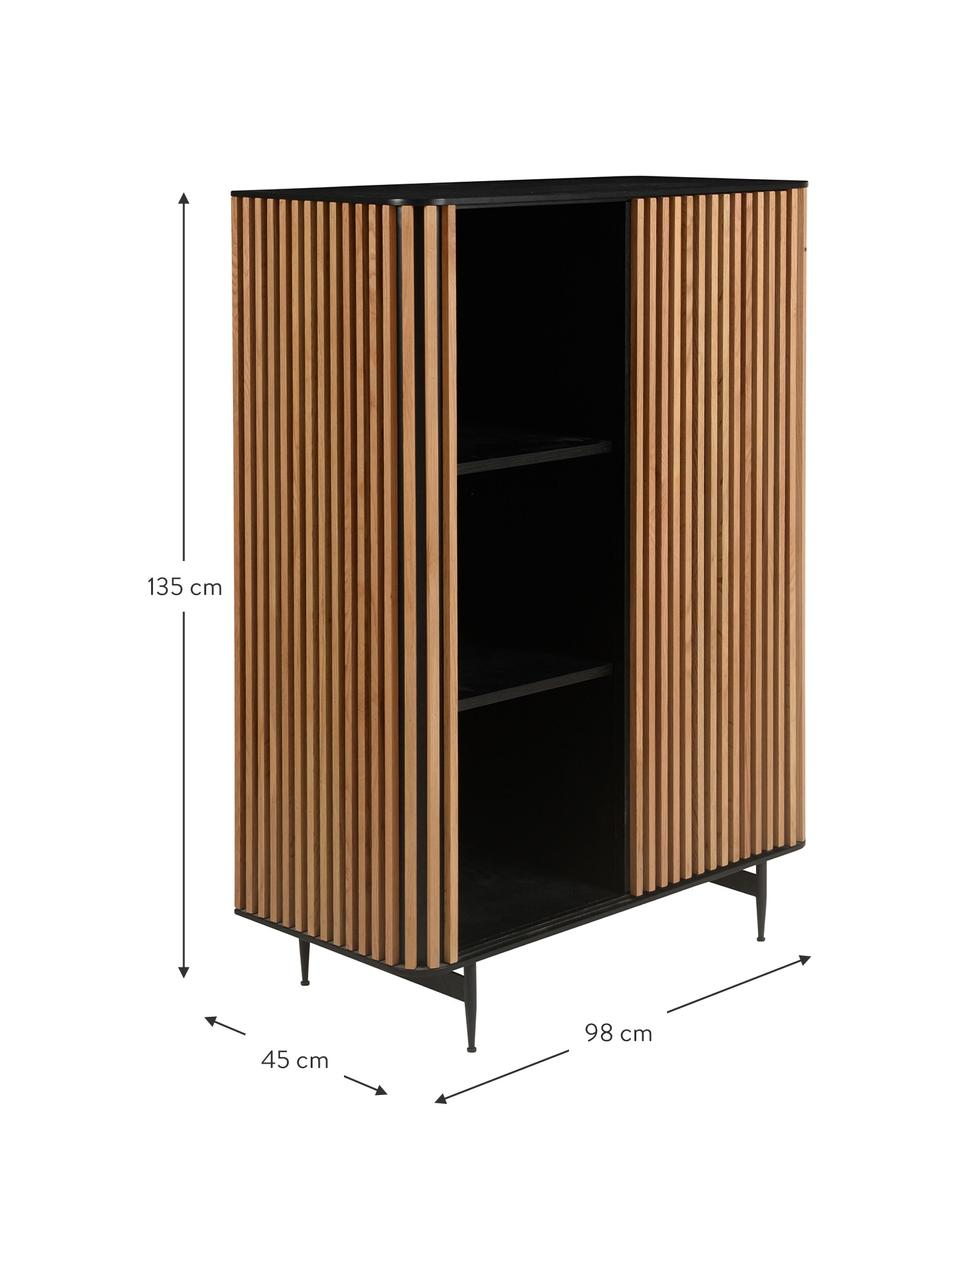 Design highboard Linea met schuifdeur en eikenhoutfineer, Frame: gelakt MDF met eikenhoutf, Poten: gelakt metaal, Zwart, eikenhoutkleurig, 98 x 135 cm